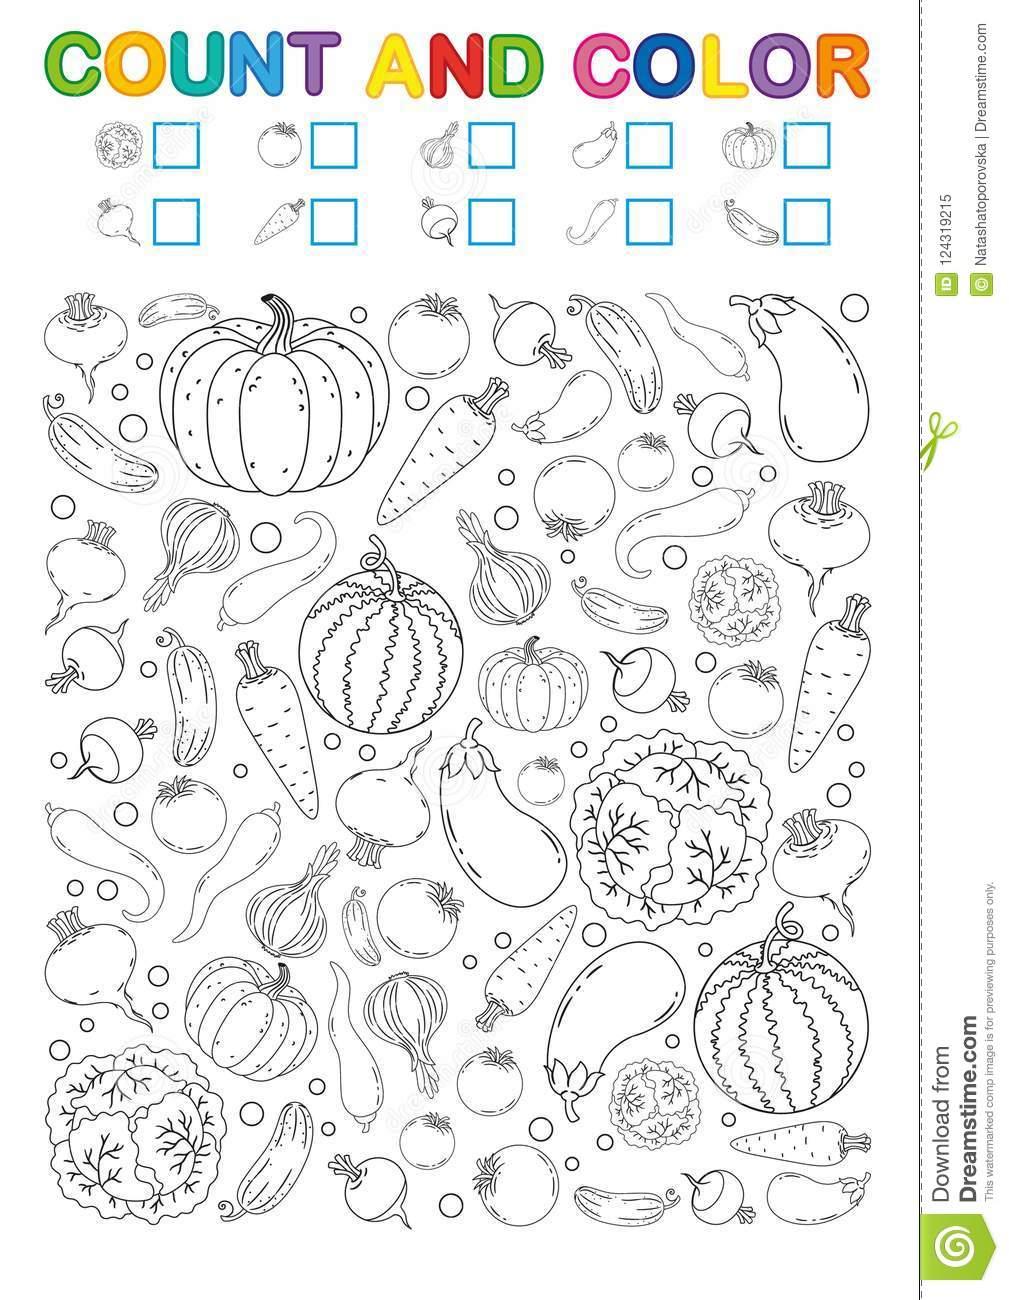 Malbuchseite Zählung Und Farbe Bedruckbares Arbeitsblatt Für über Arbeitsblätter Vorschule